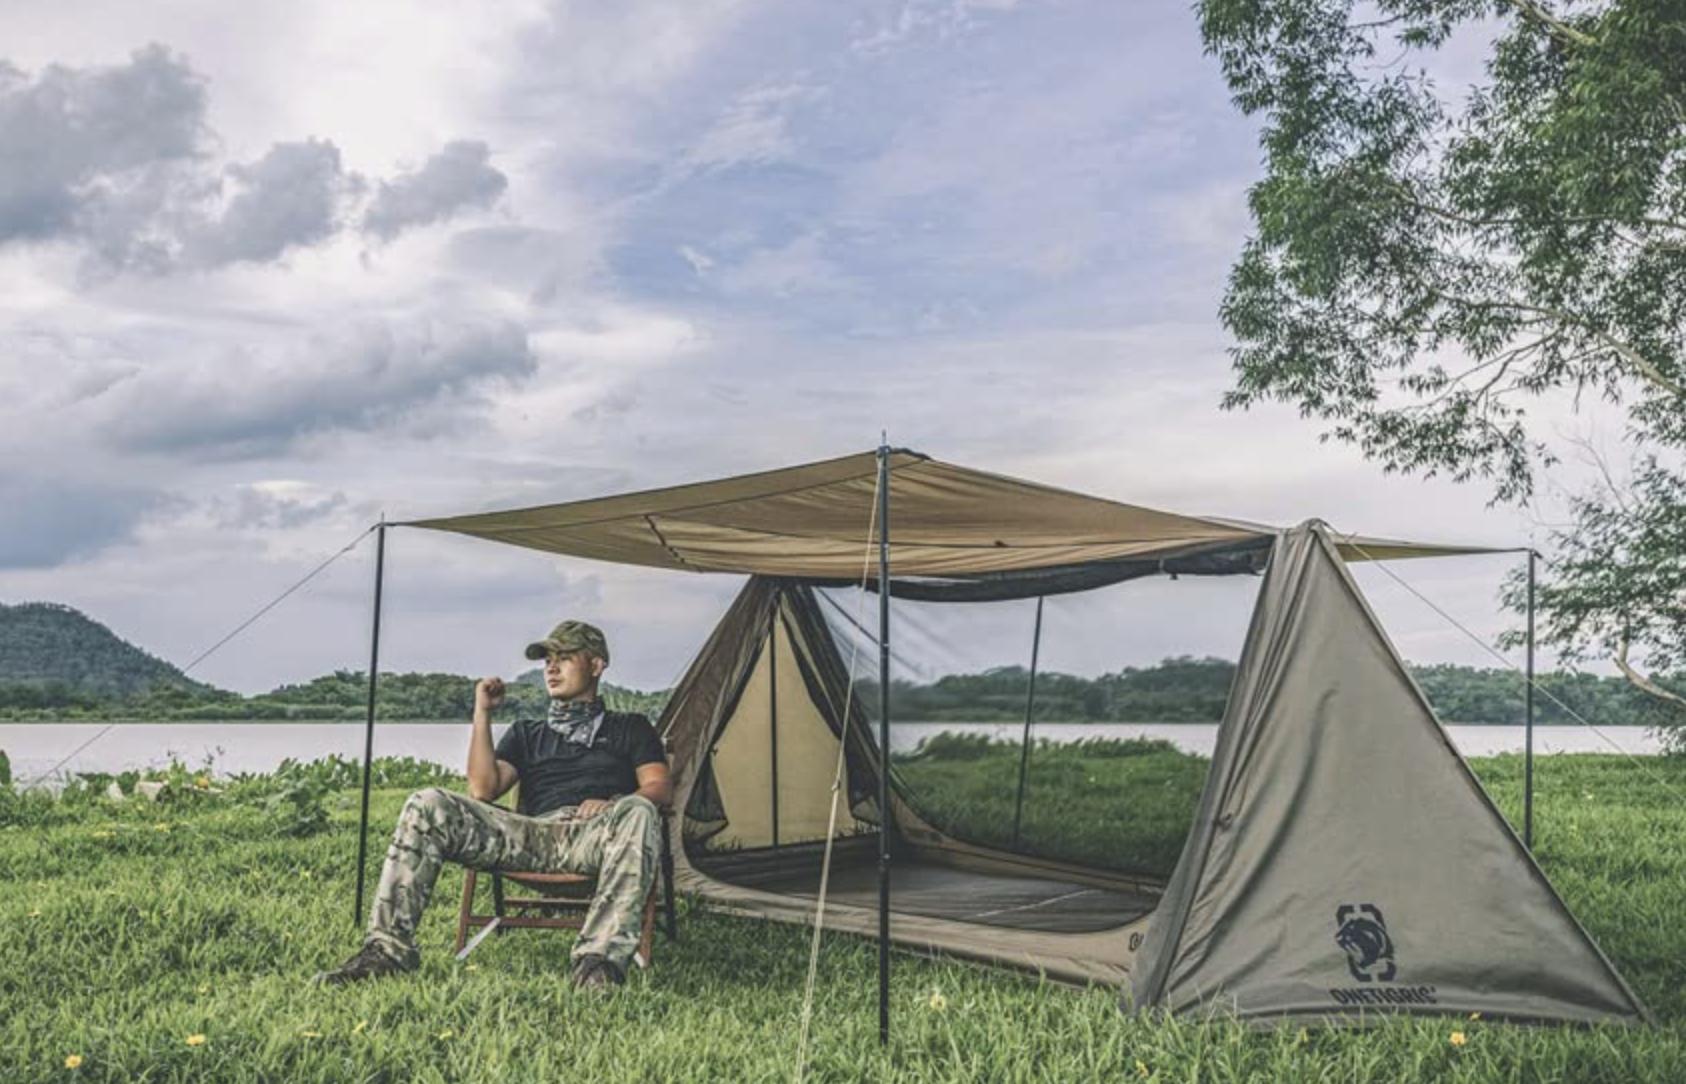 ワンティグリスのテントを使った風景の写真